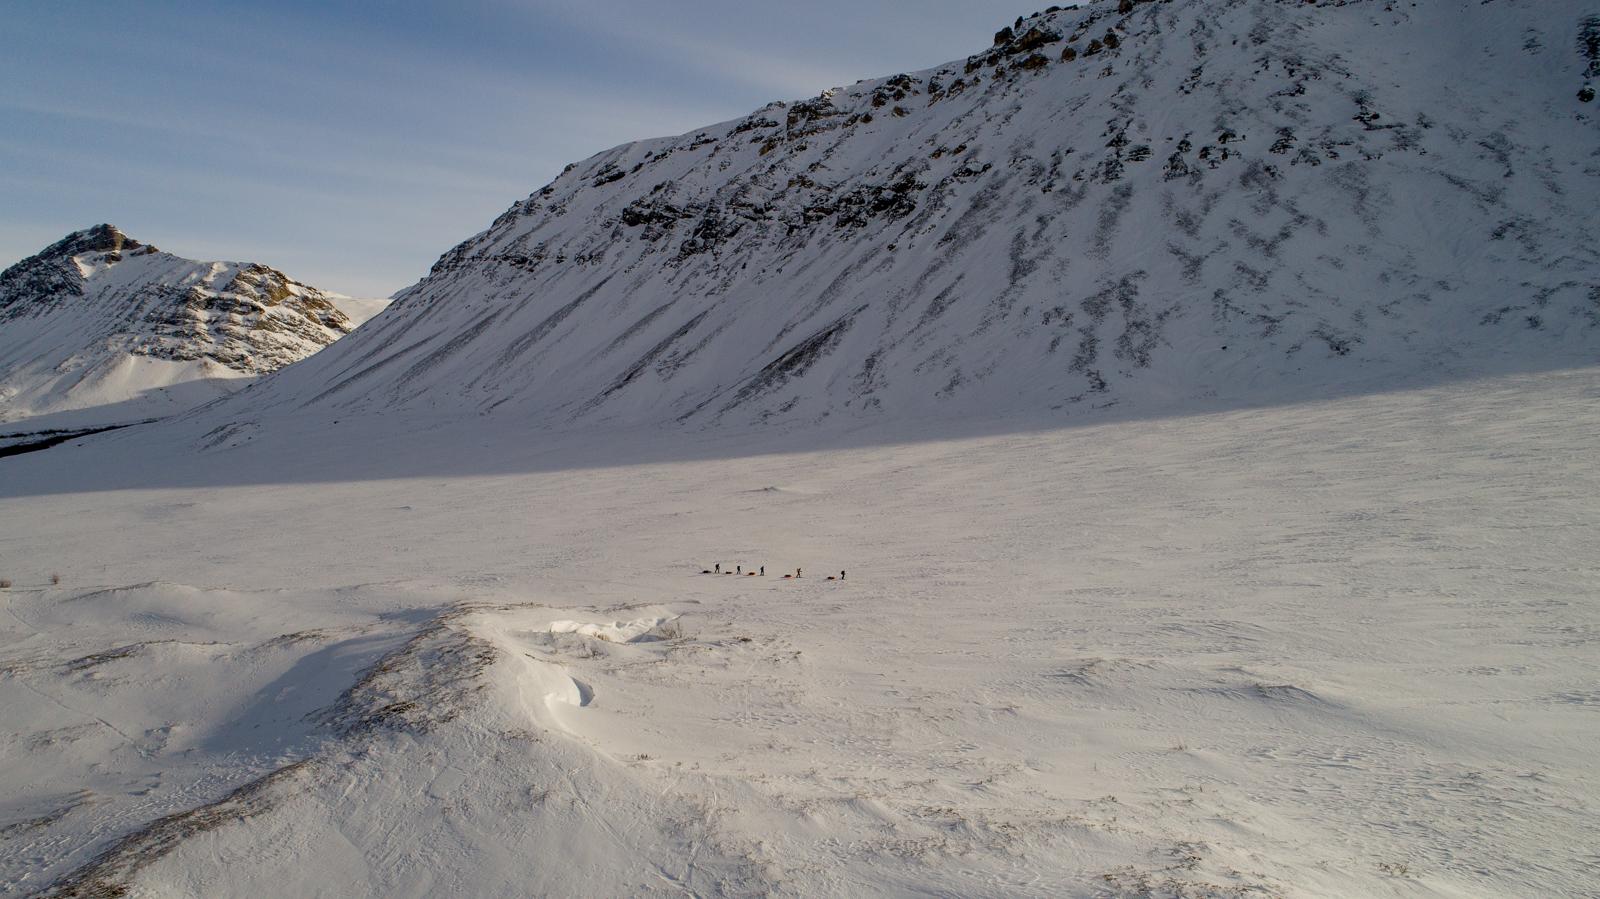 Anaktuvuk River Basin, Alaska